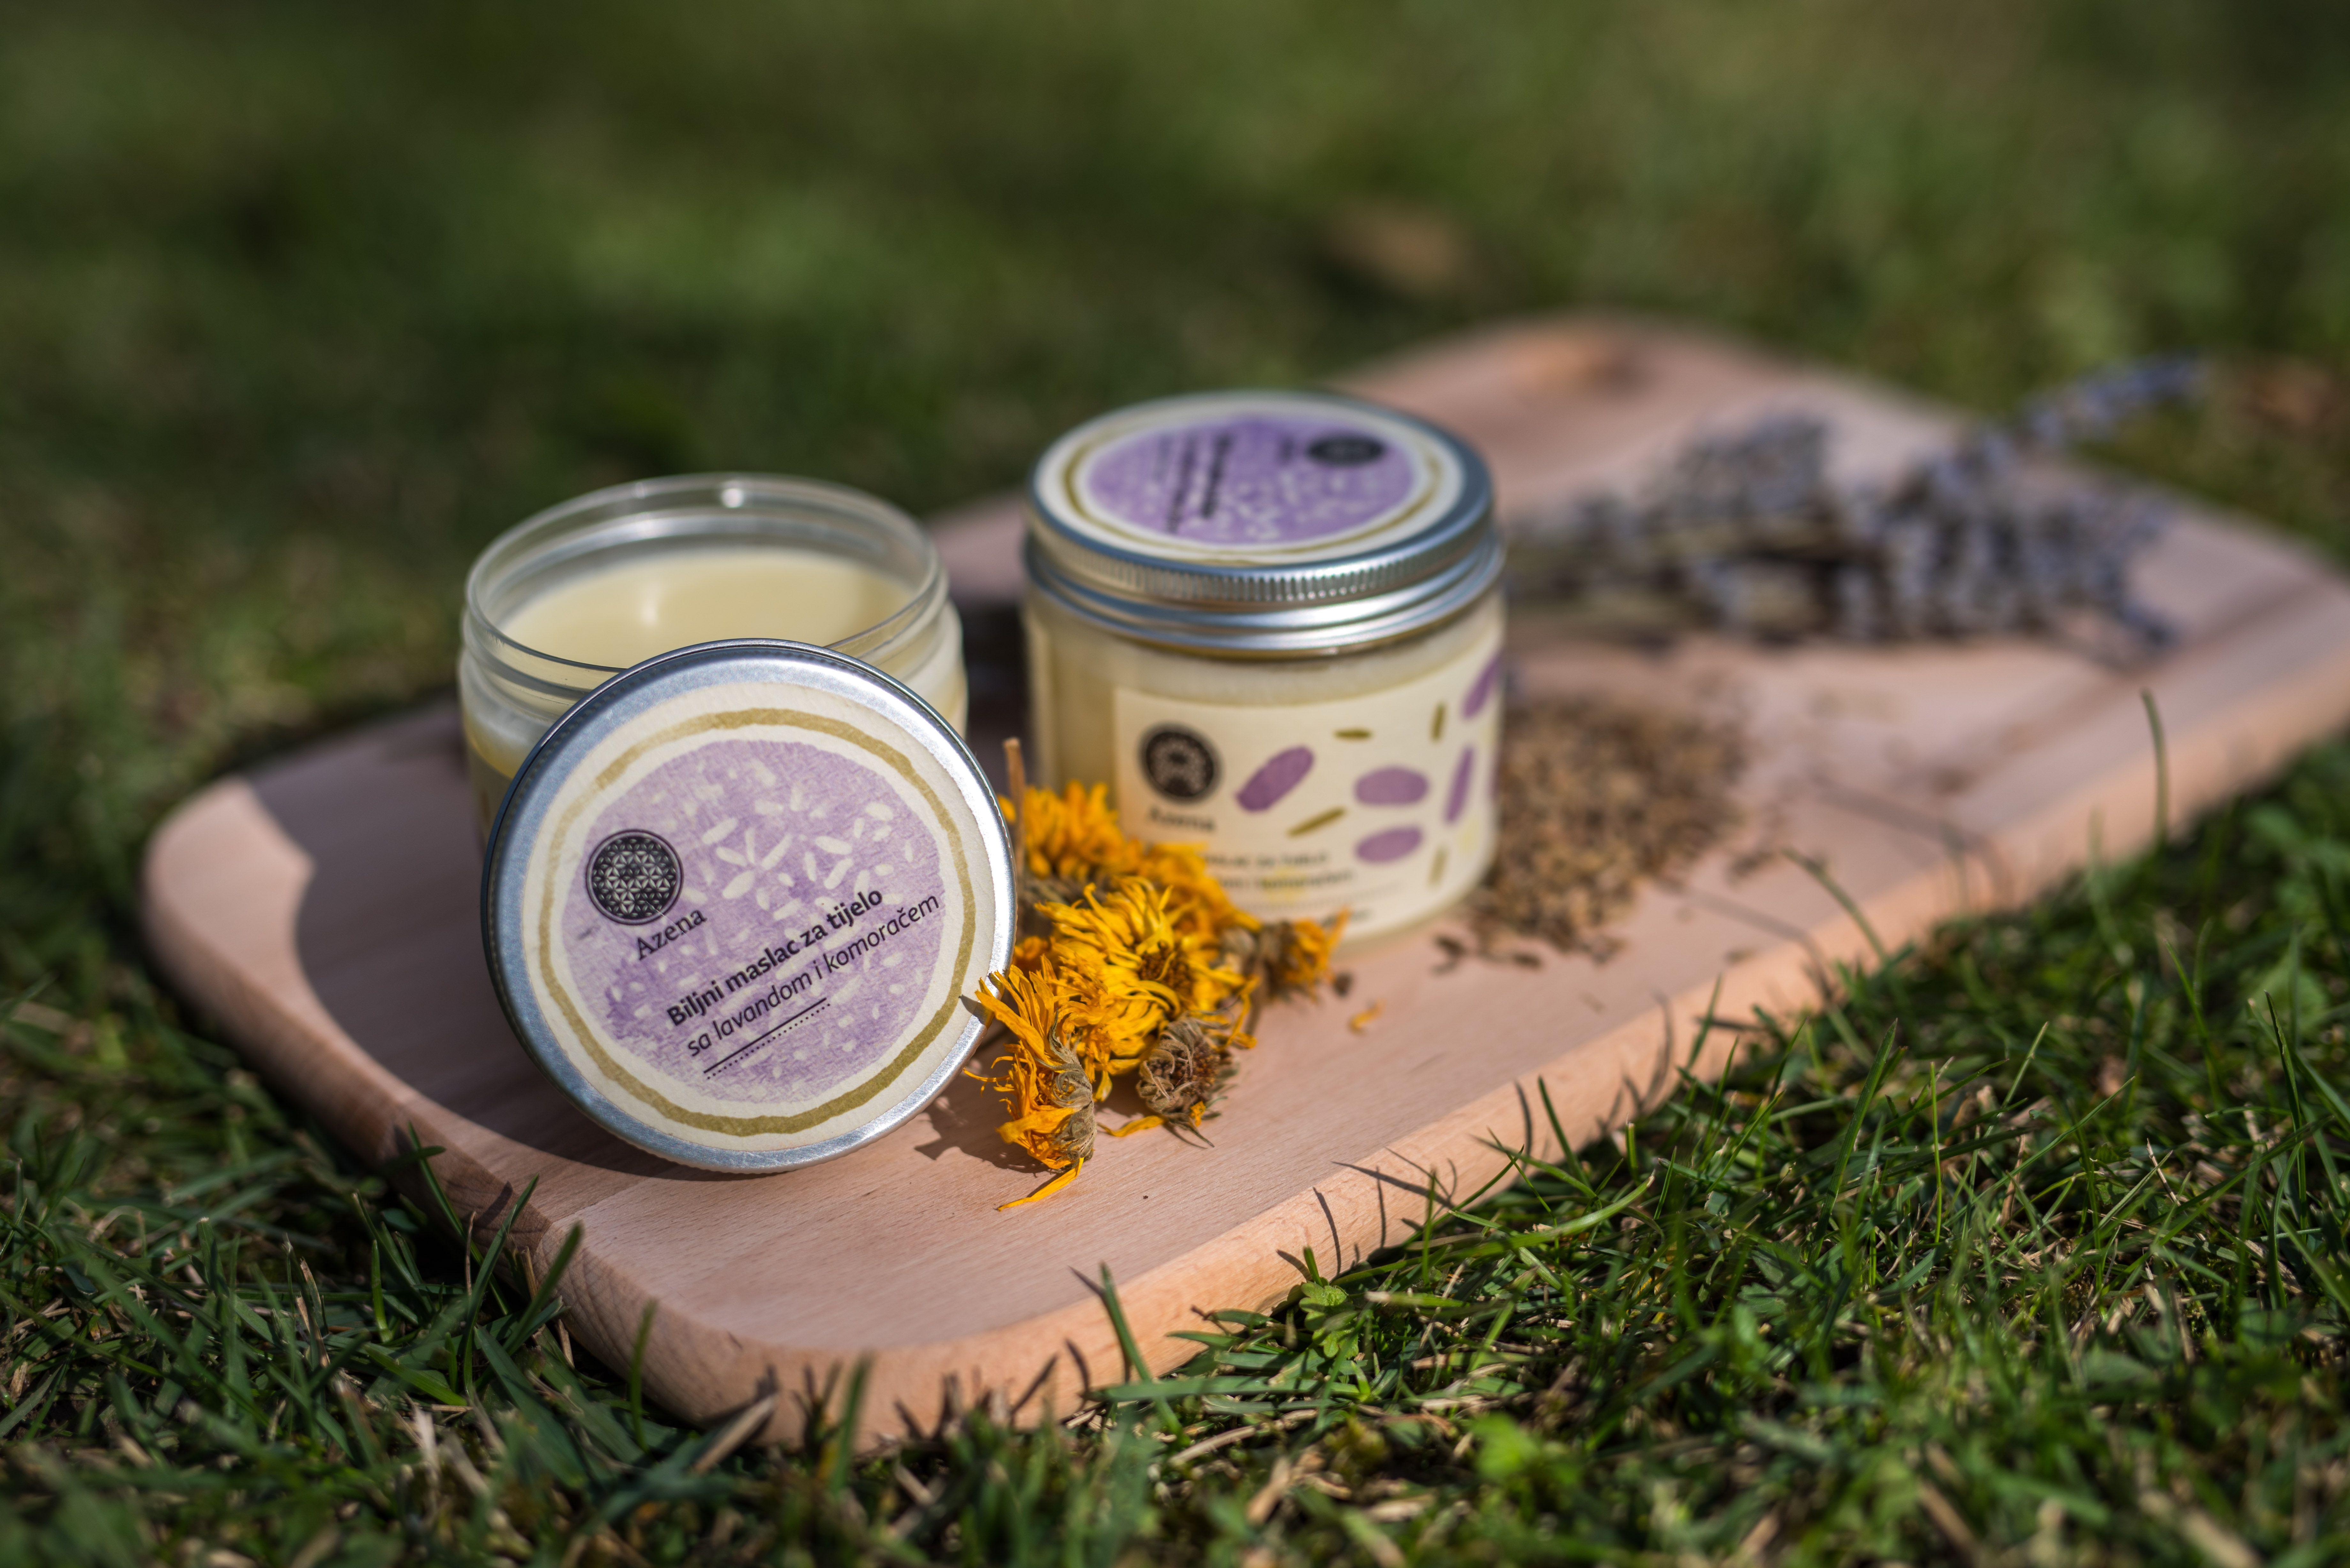 Predstavljen veganski biljni maslac Azena kozmetike